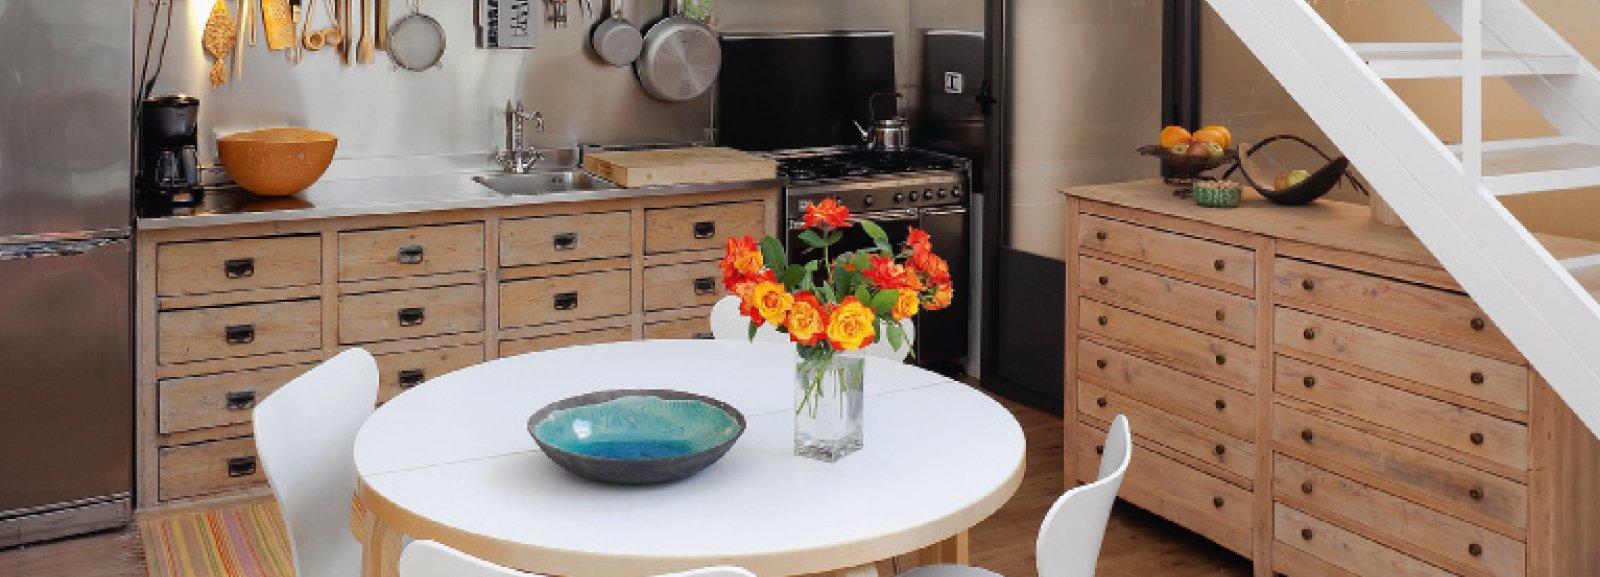 Cucina vintage con elementi di recupero cose di casa for Case con alloggi separati